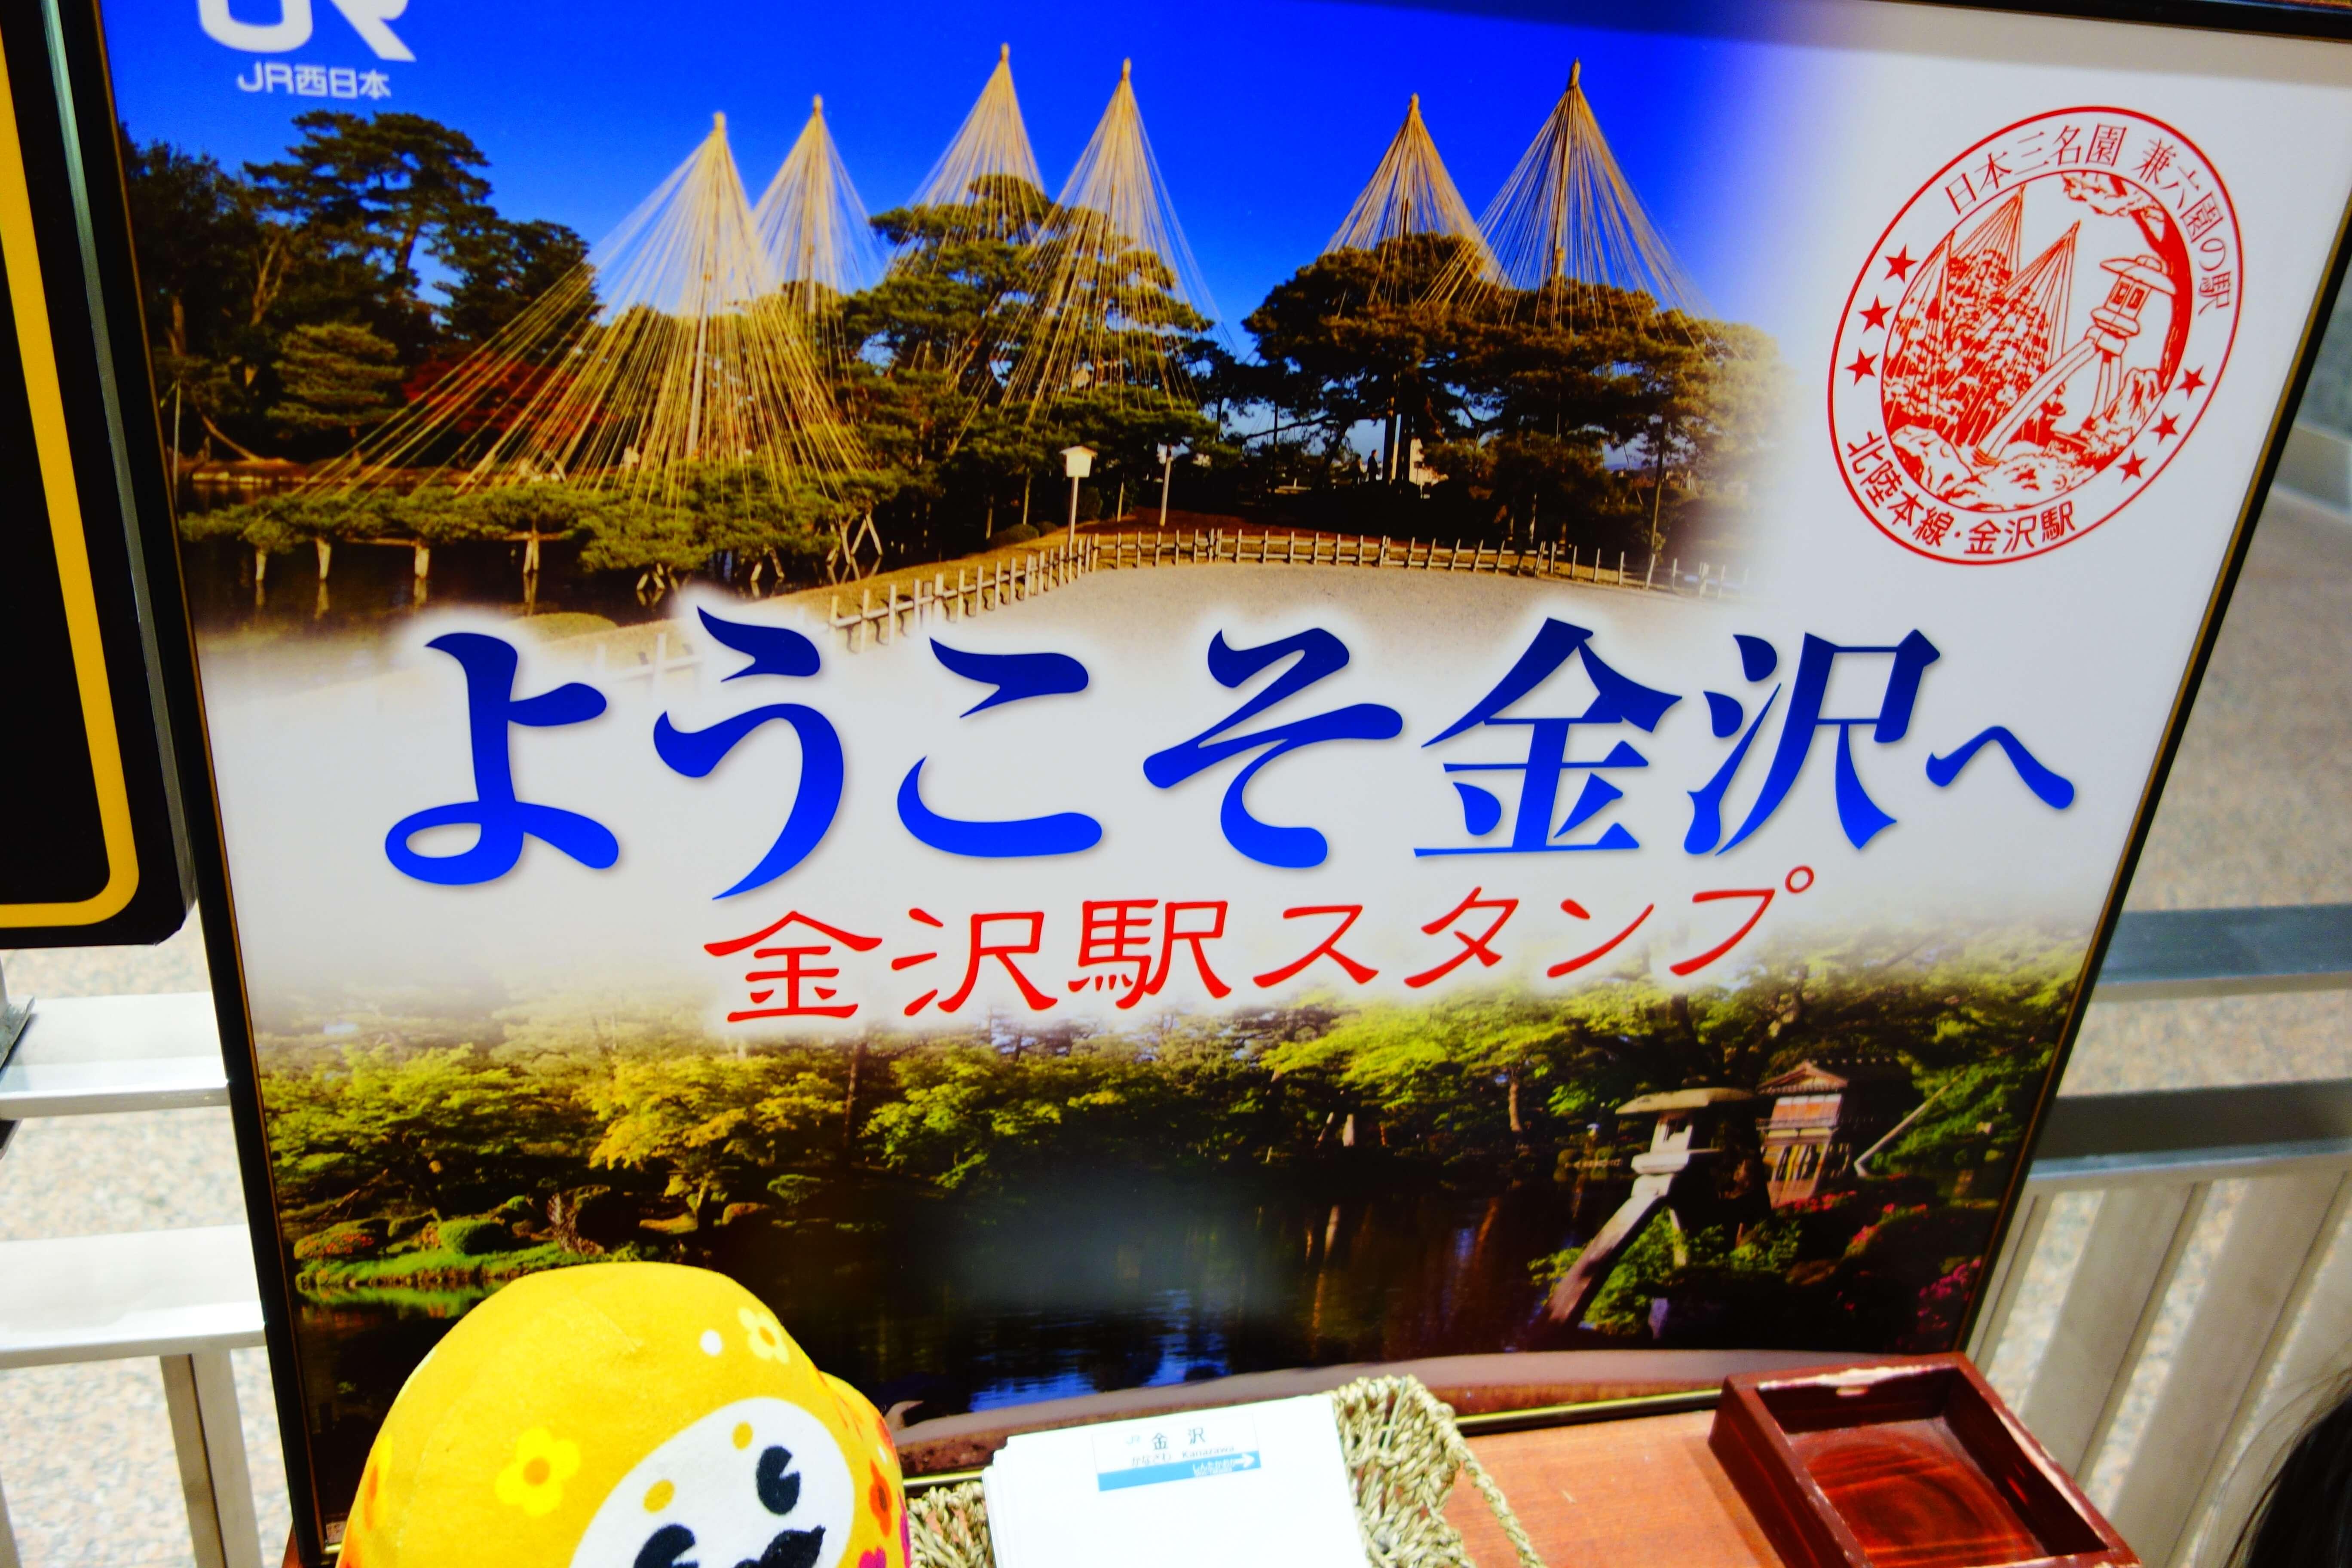 えきねっと 金沢駅